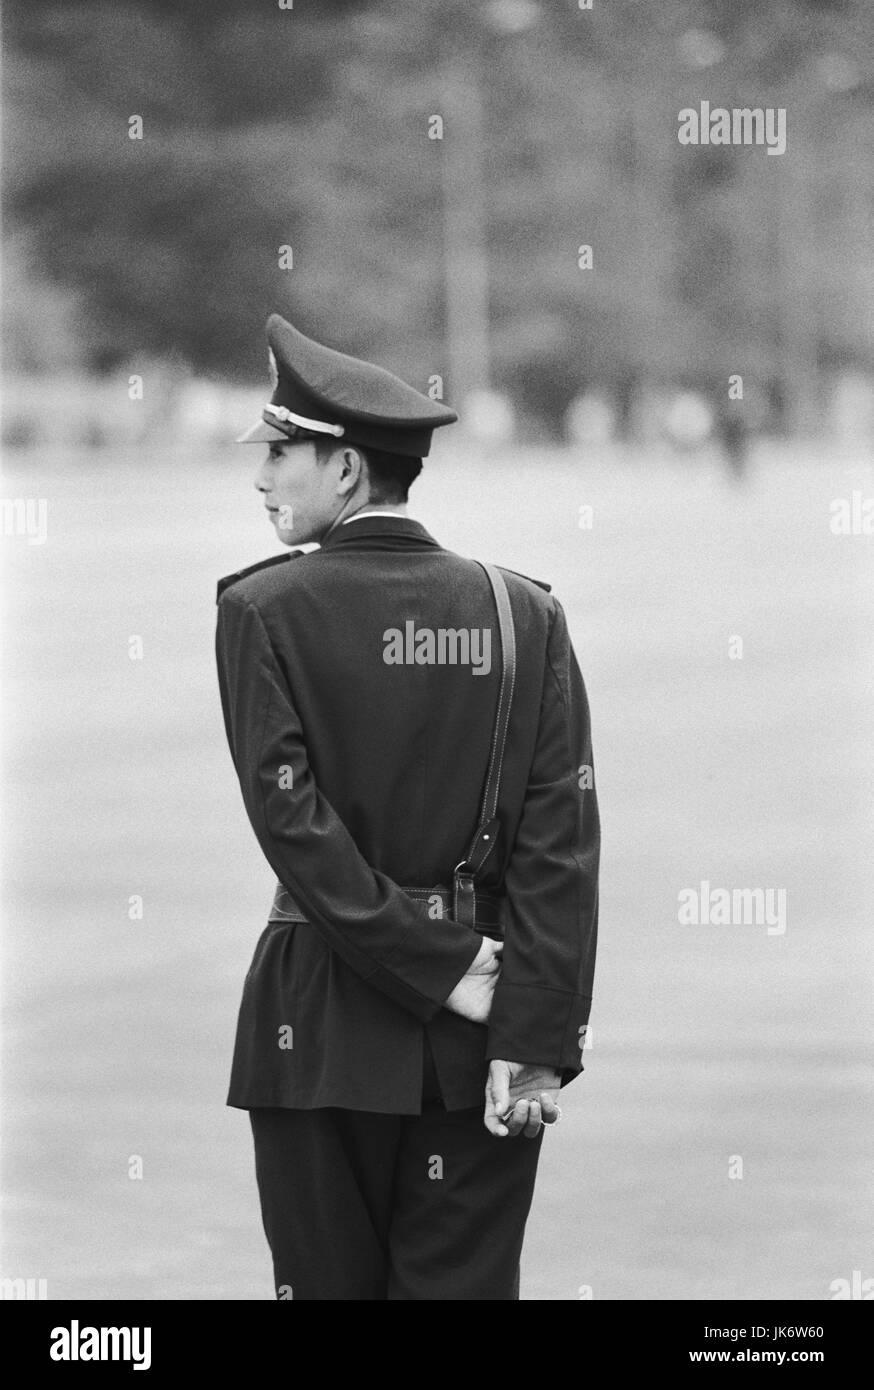 Vietnam, Hanoi, Ho Chi Minh Mausoleum,  Polizist, Rückenansicht, s/w no model release außen, Südostasien, - Stock Image